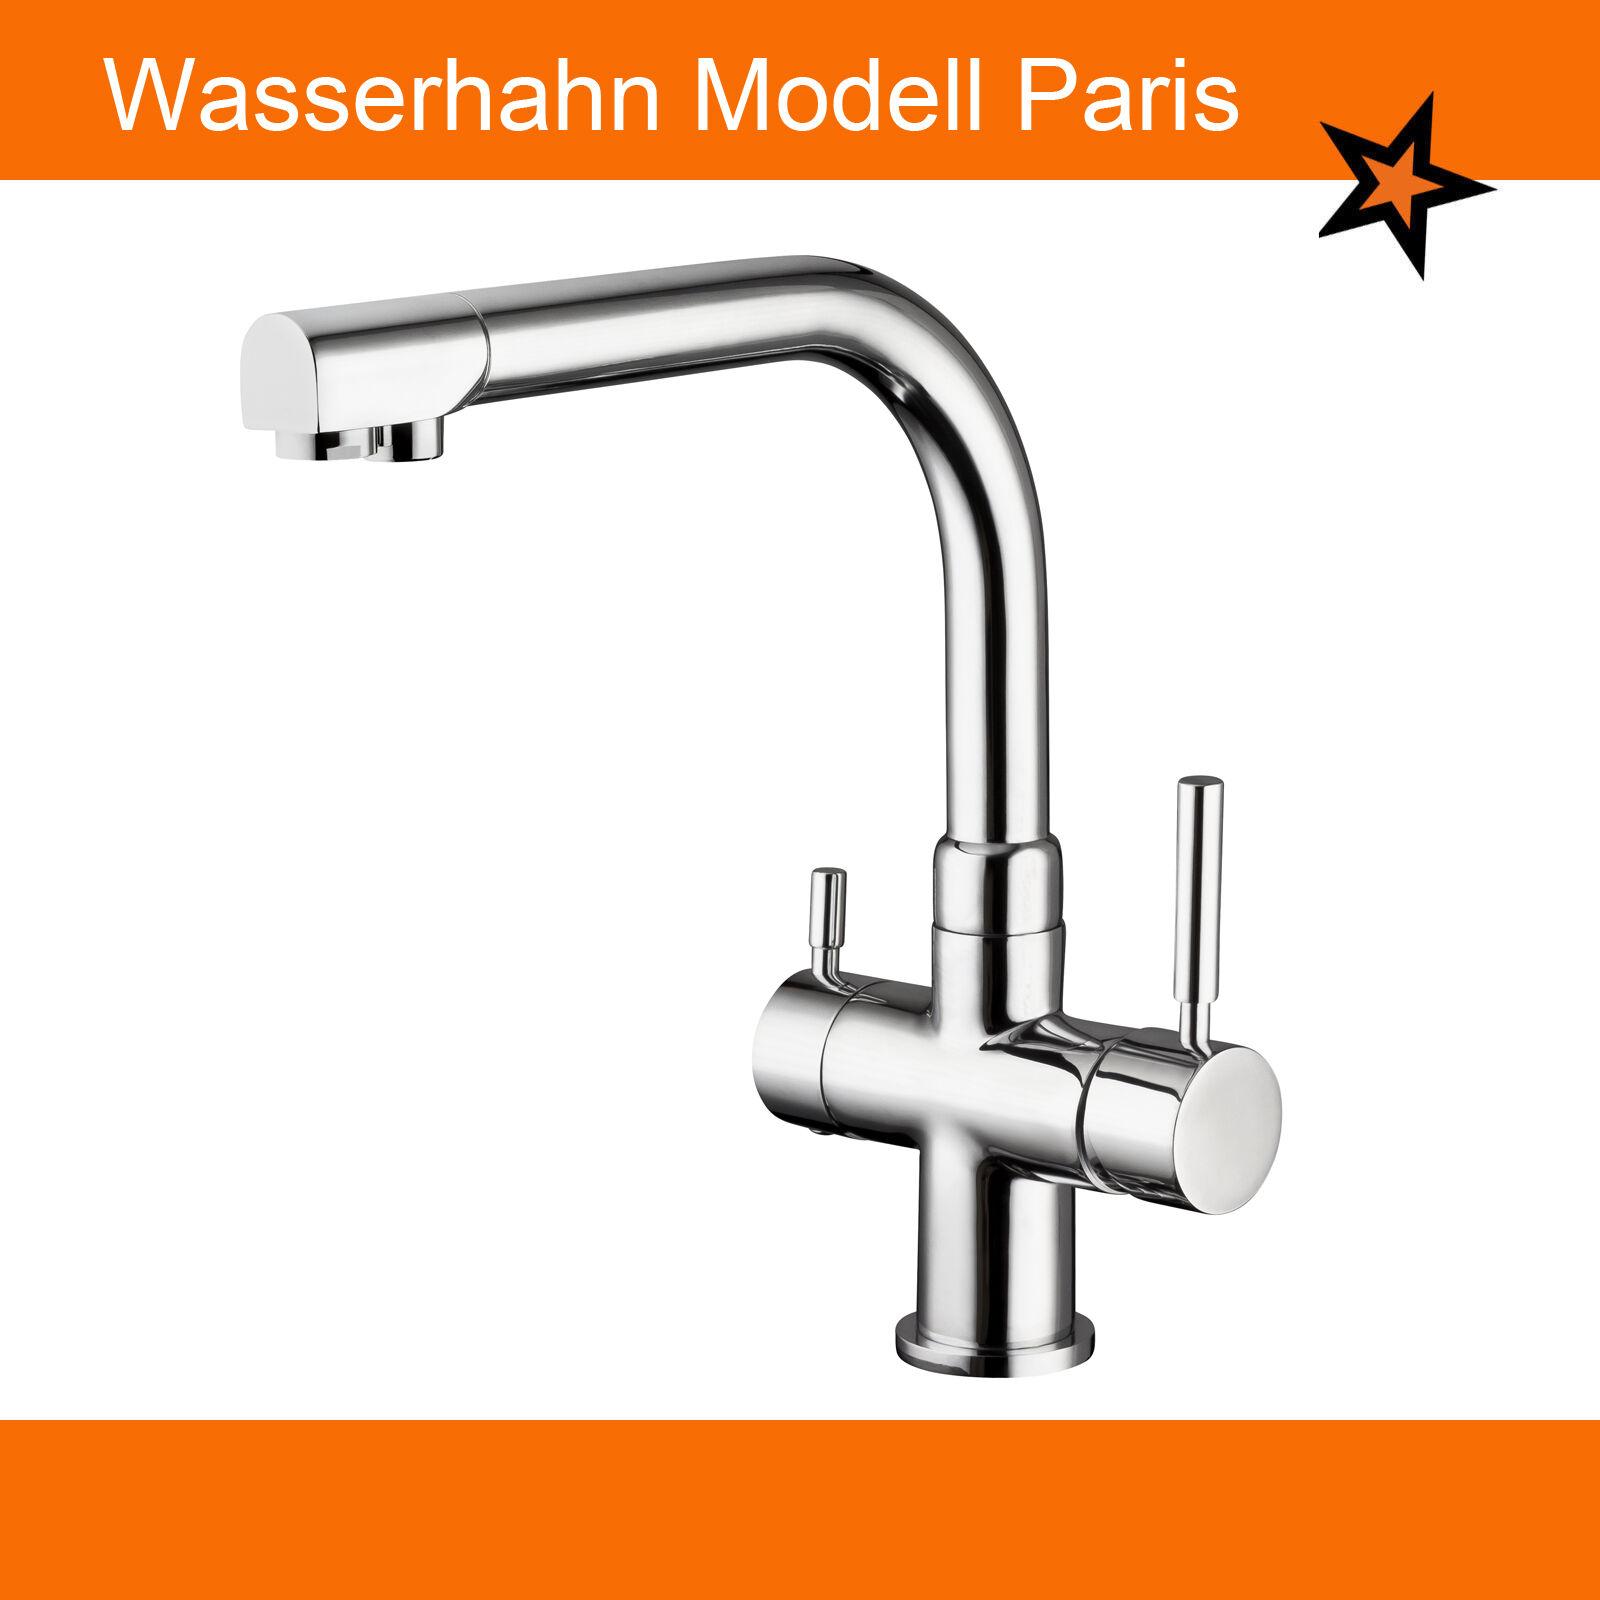 3 Wege Wasserarmatur Modell Paris. Wasserhahn auch für Osmoseanlagen geeignet. | Merkwürdige Form  | Qualität zuerst  | Wirtschaft  | Ausgewählte Materialien